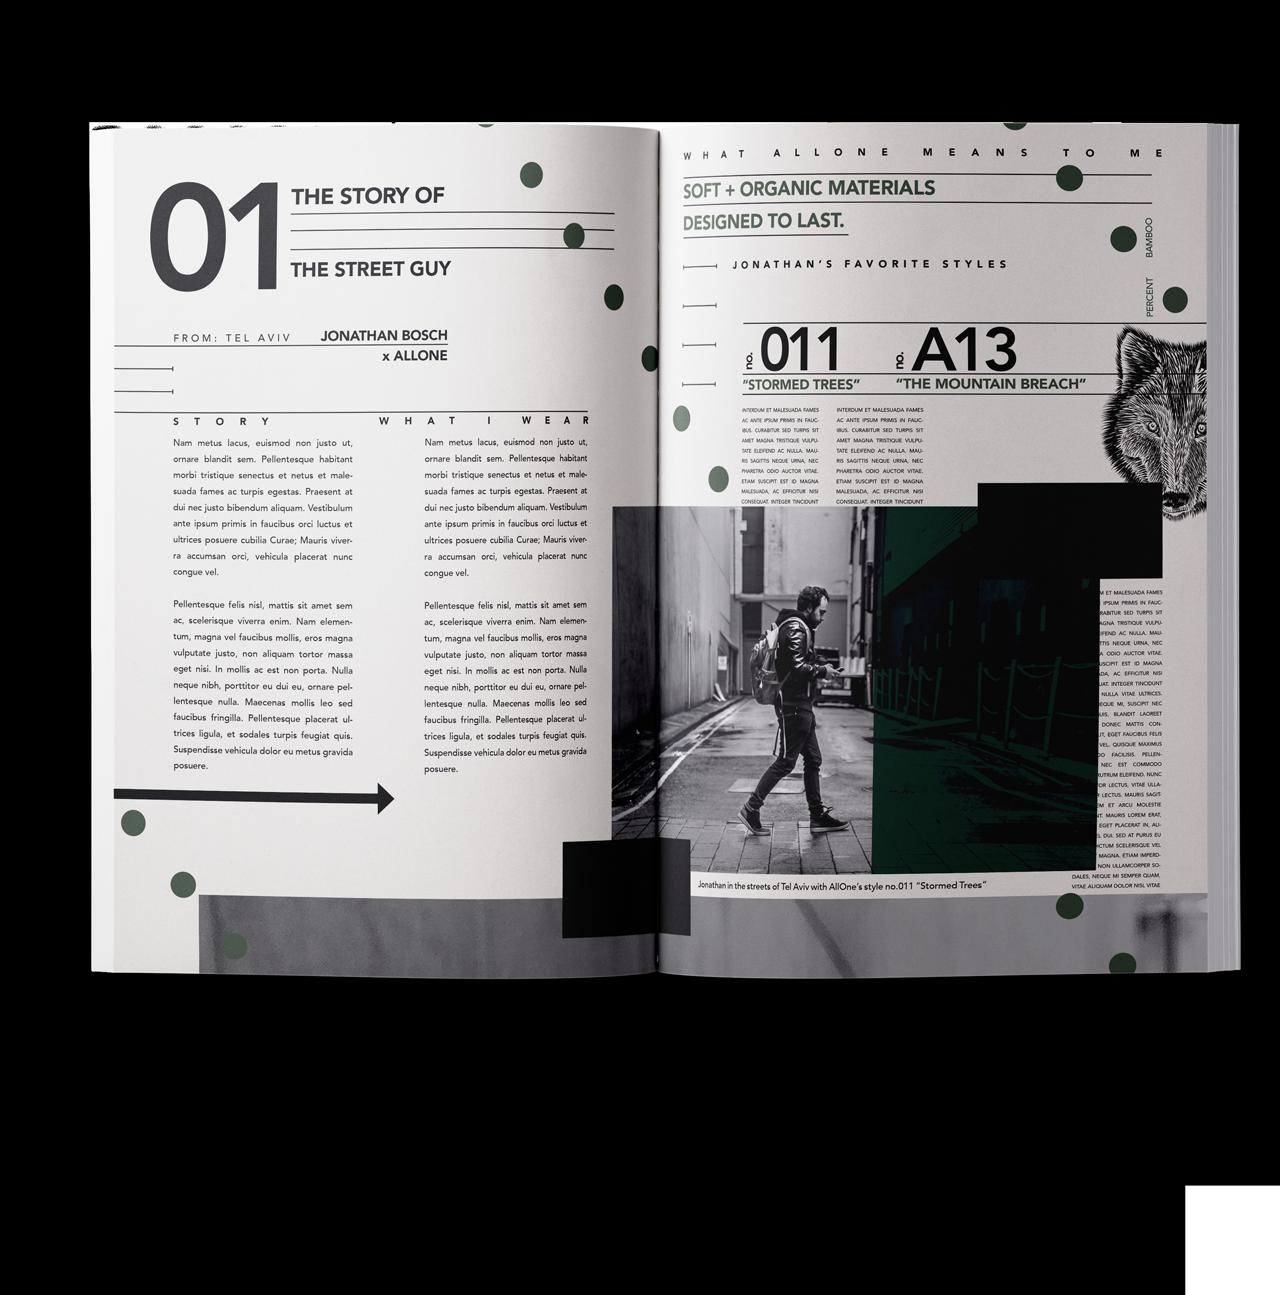 Magazine-USLetter-A4-Mockup-Template-copy